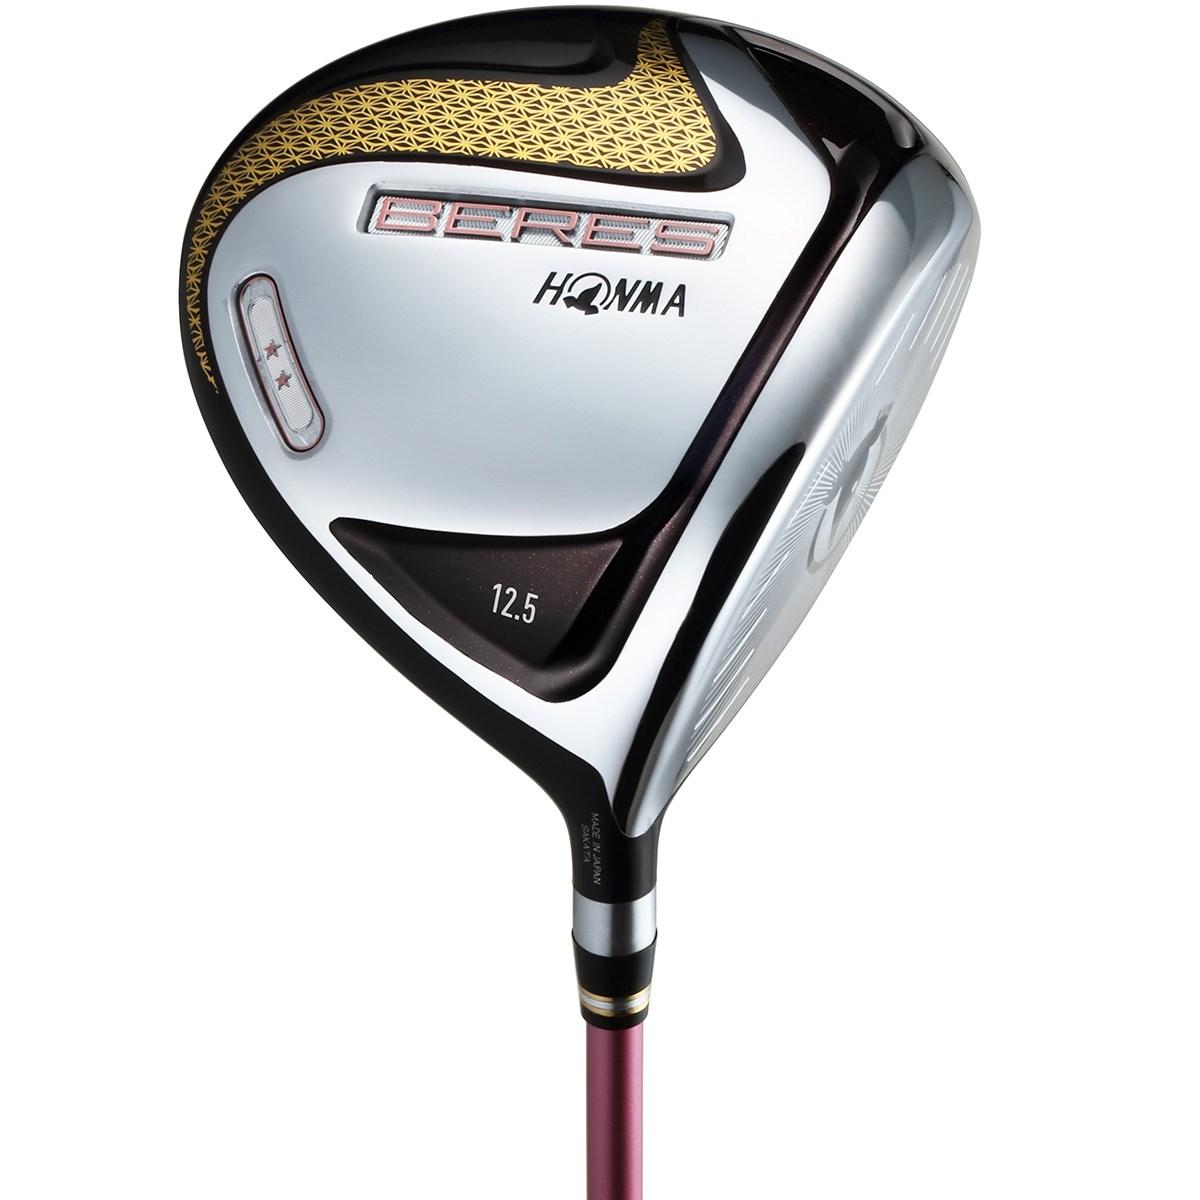 本間ゴルフ BERES ベレス ドライバー ARMRQ 38 2S シャフト:ARMRQ 38 2S L 11.5° 60° 44.25inch レディス